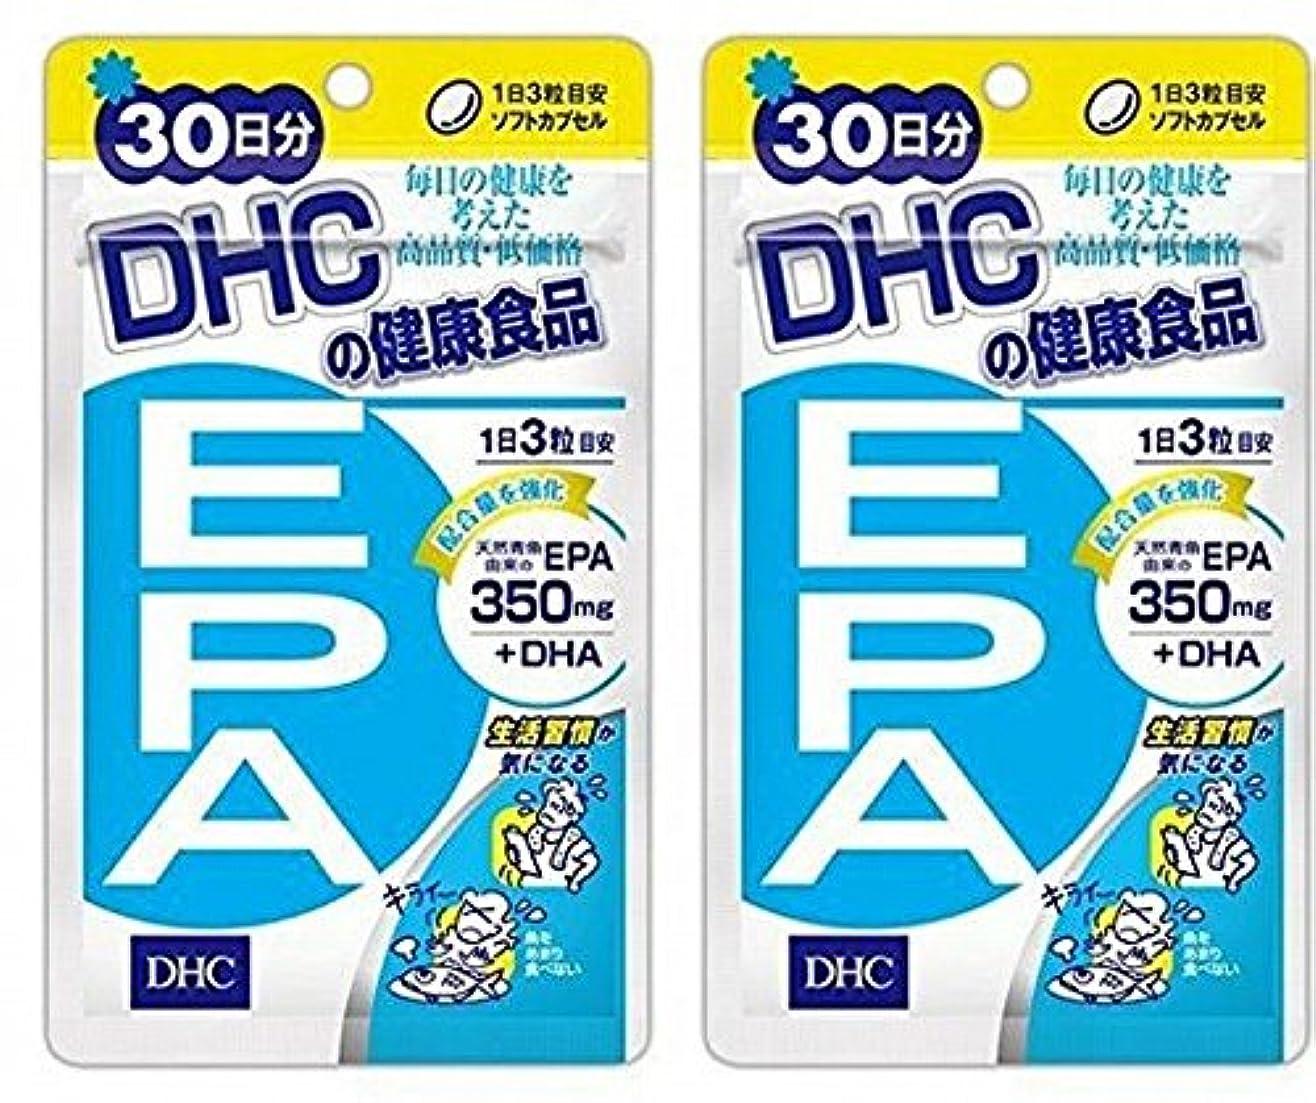 薬局しっかりシーサイドDHC EPA 30日分 2袋セット